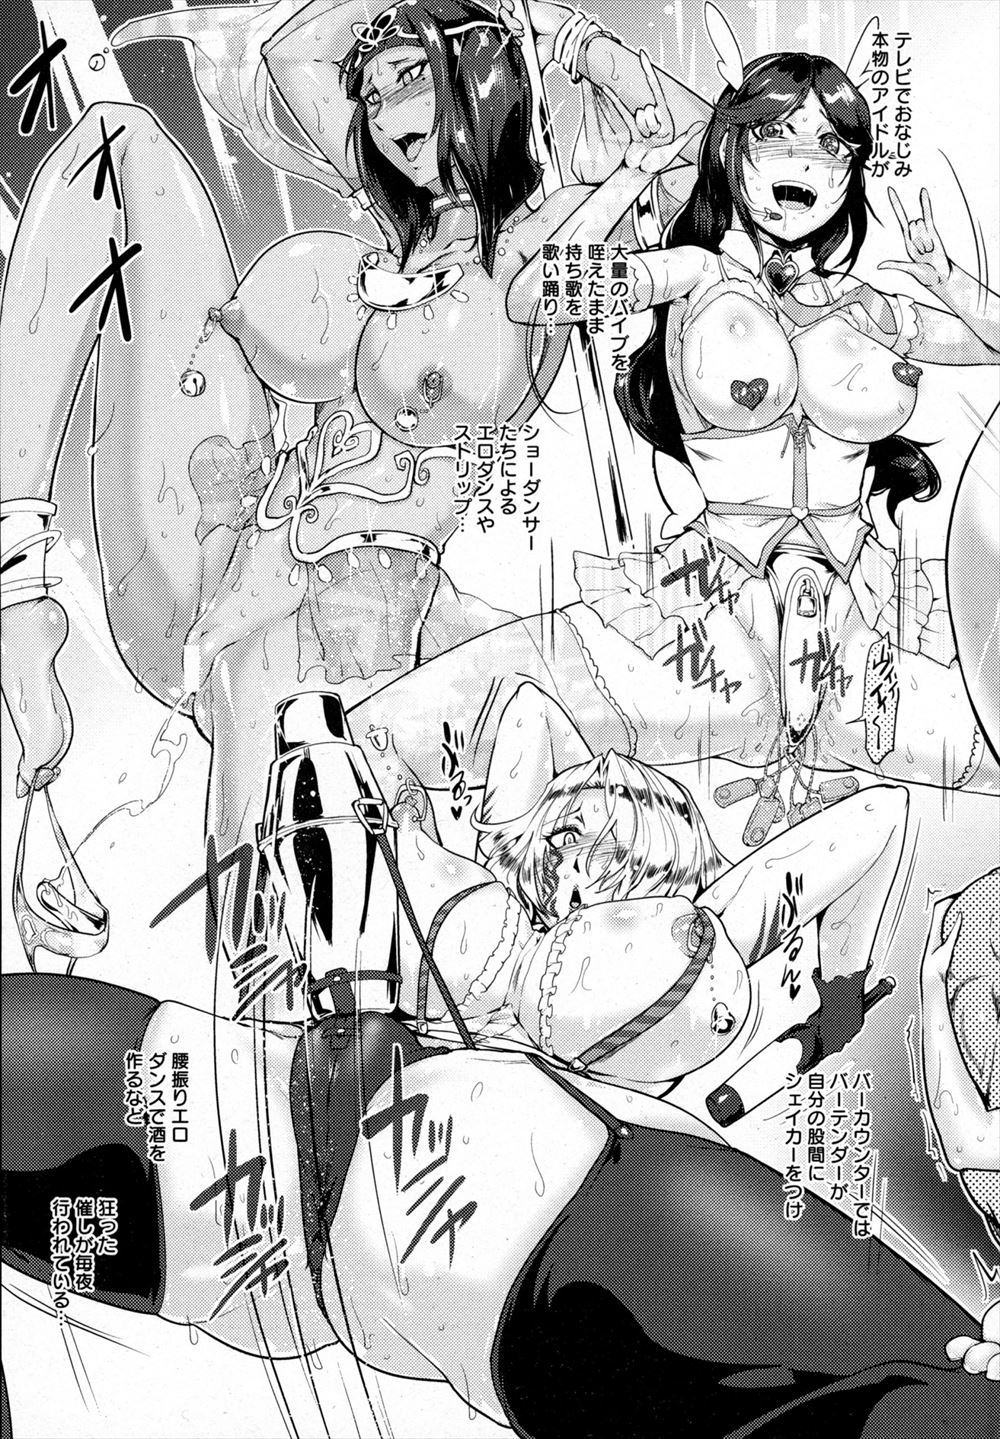 【エッチ漫画】非合法の地下ショークラブで働く彼女が真珠チンポでアクメするのを見ながら姉のユルマンで射精!